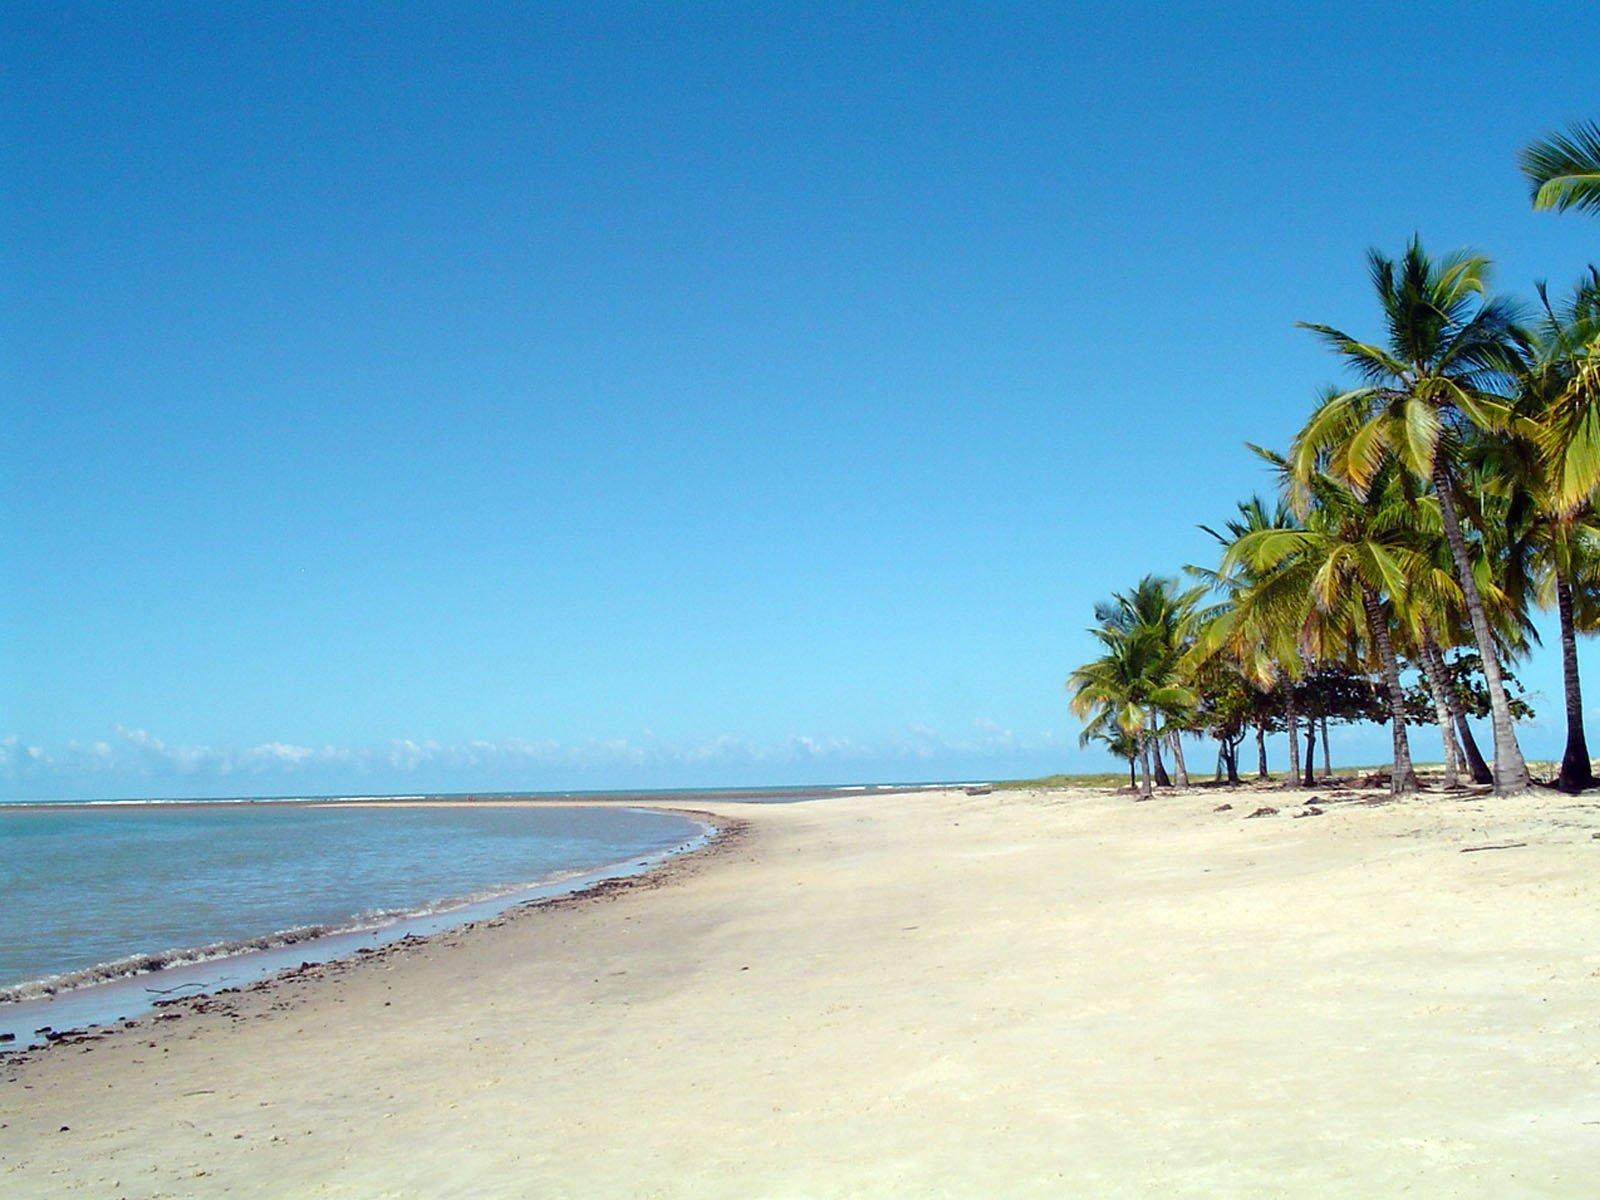 10921 скачать обои Пейзаж, Деревья, Пляж, Пальмы, Лето - заставки и картинки бесплатно